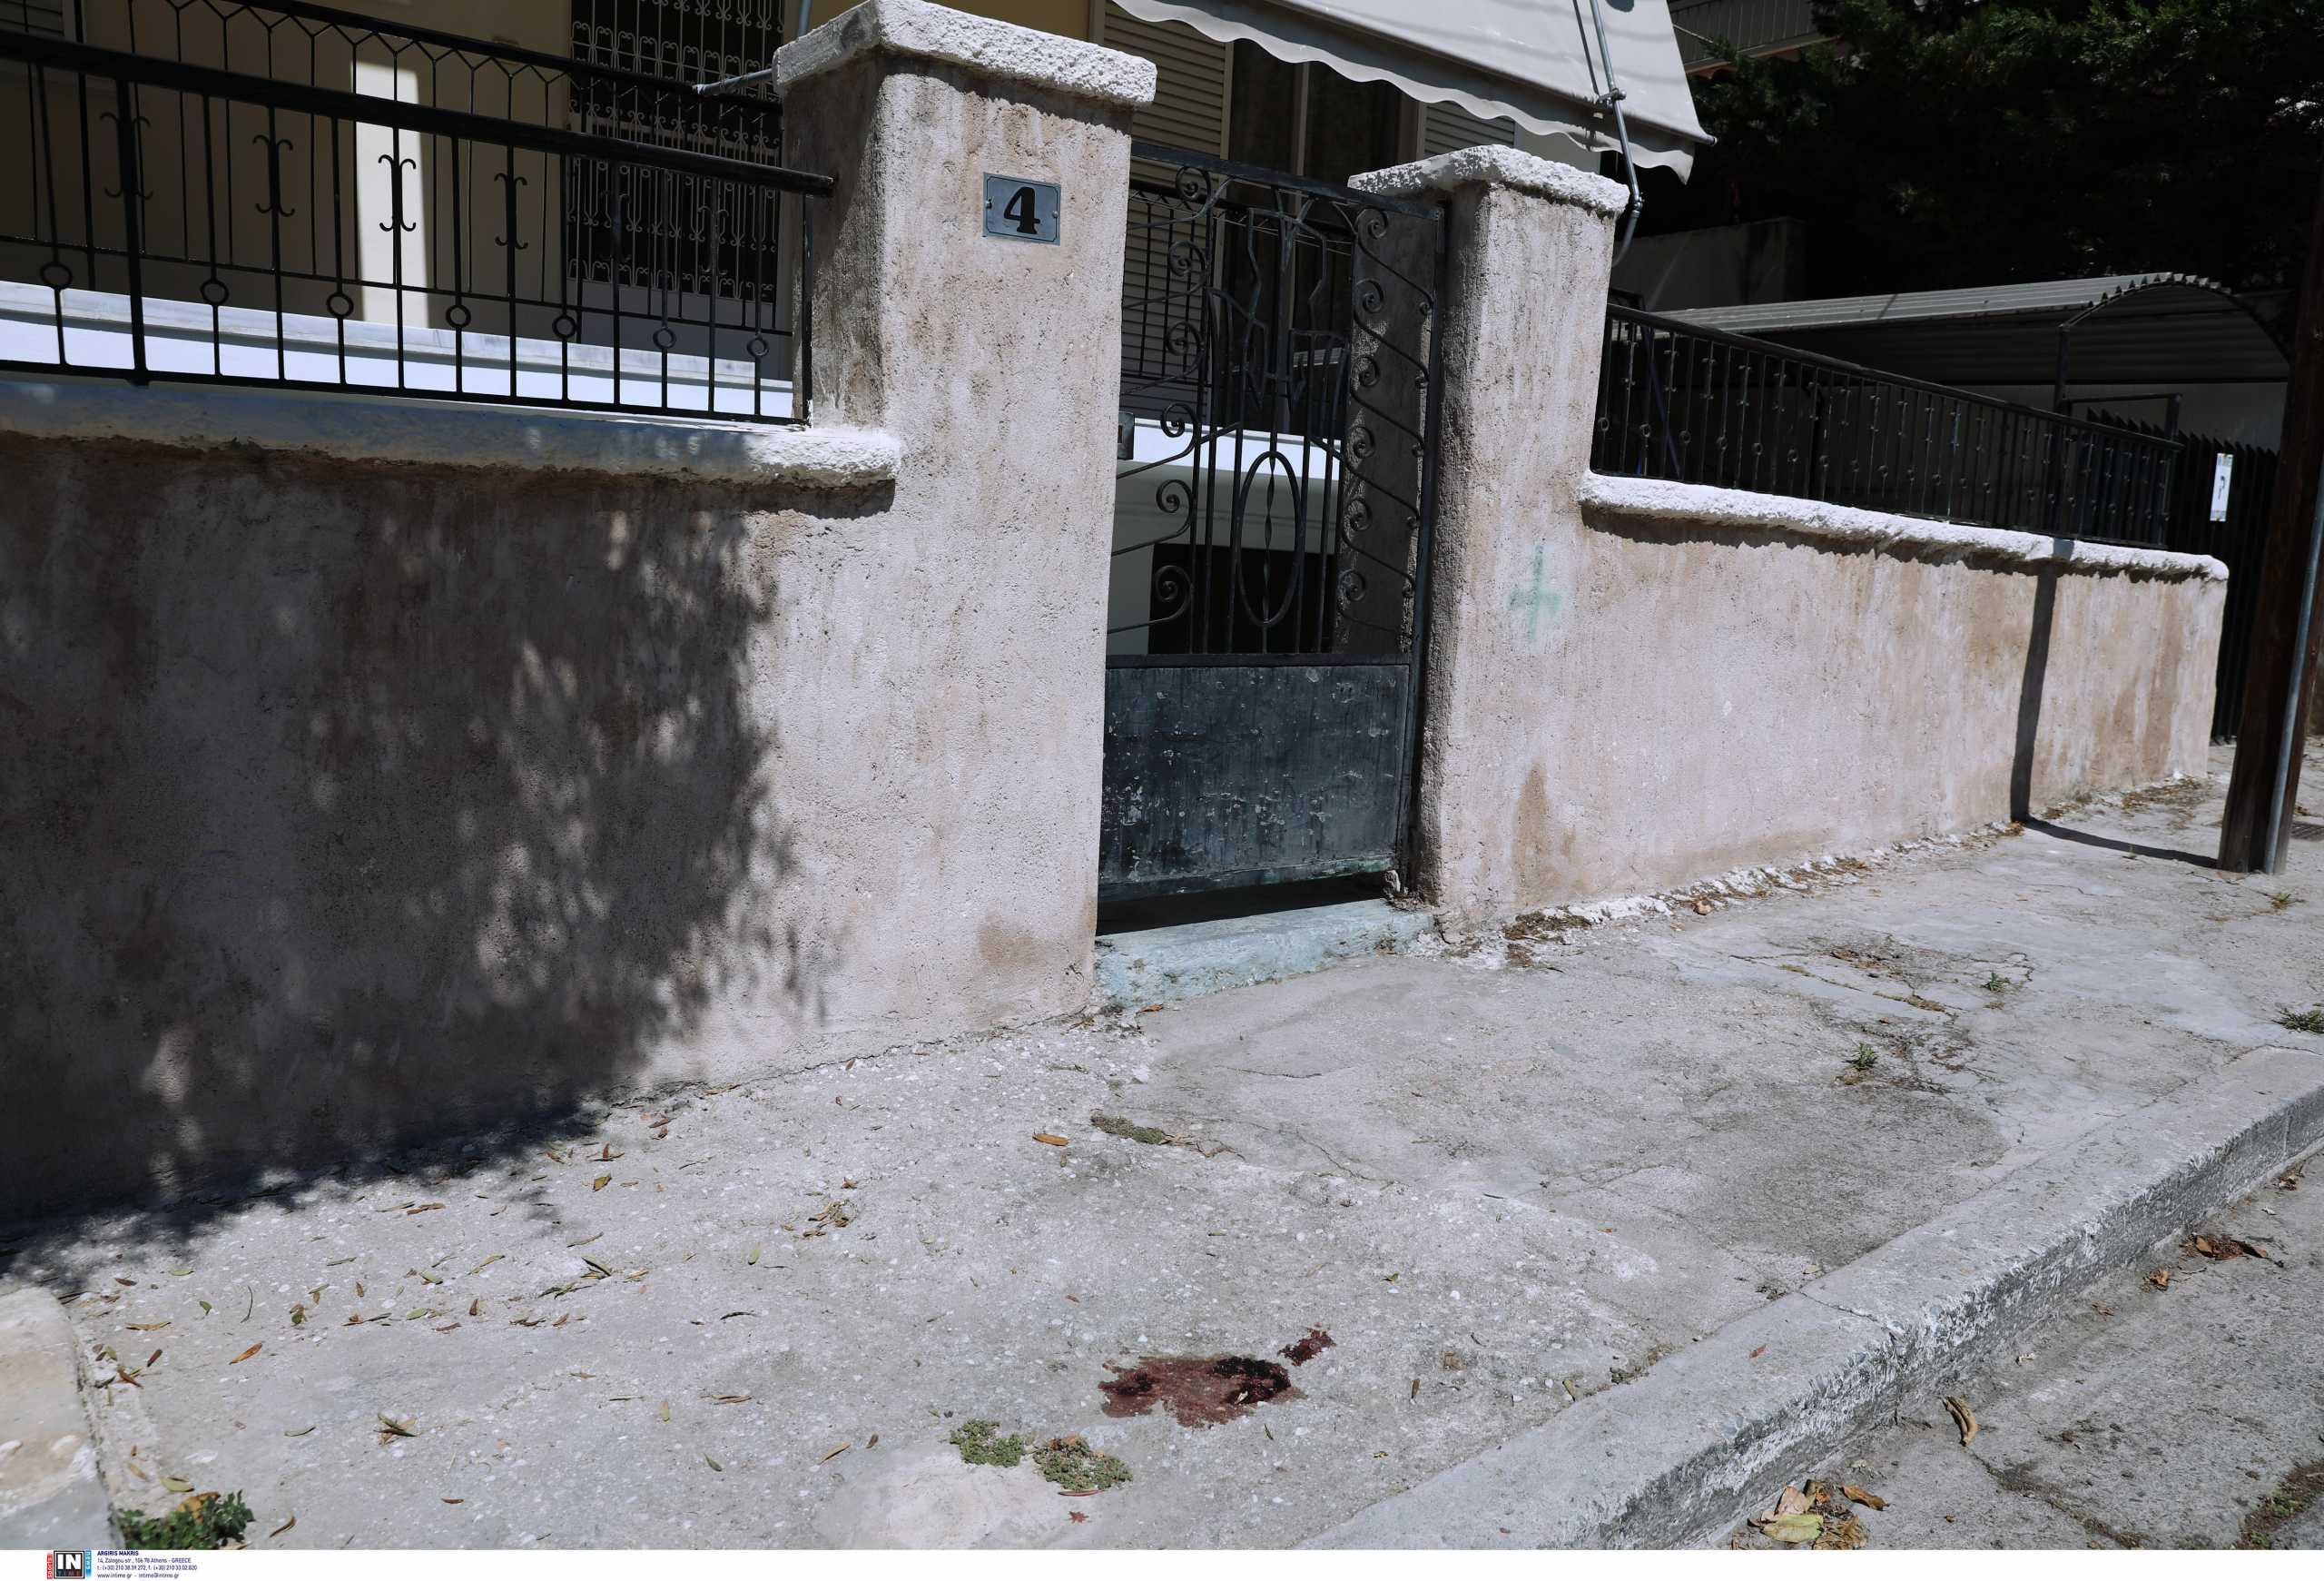 Δολοφονία στην Αγία Βαρβάρα: Συγκλόνισαν οι κόρες και ο αδερφός του θύματος – «Θέλουμε παραδειγματική τιμωρία»